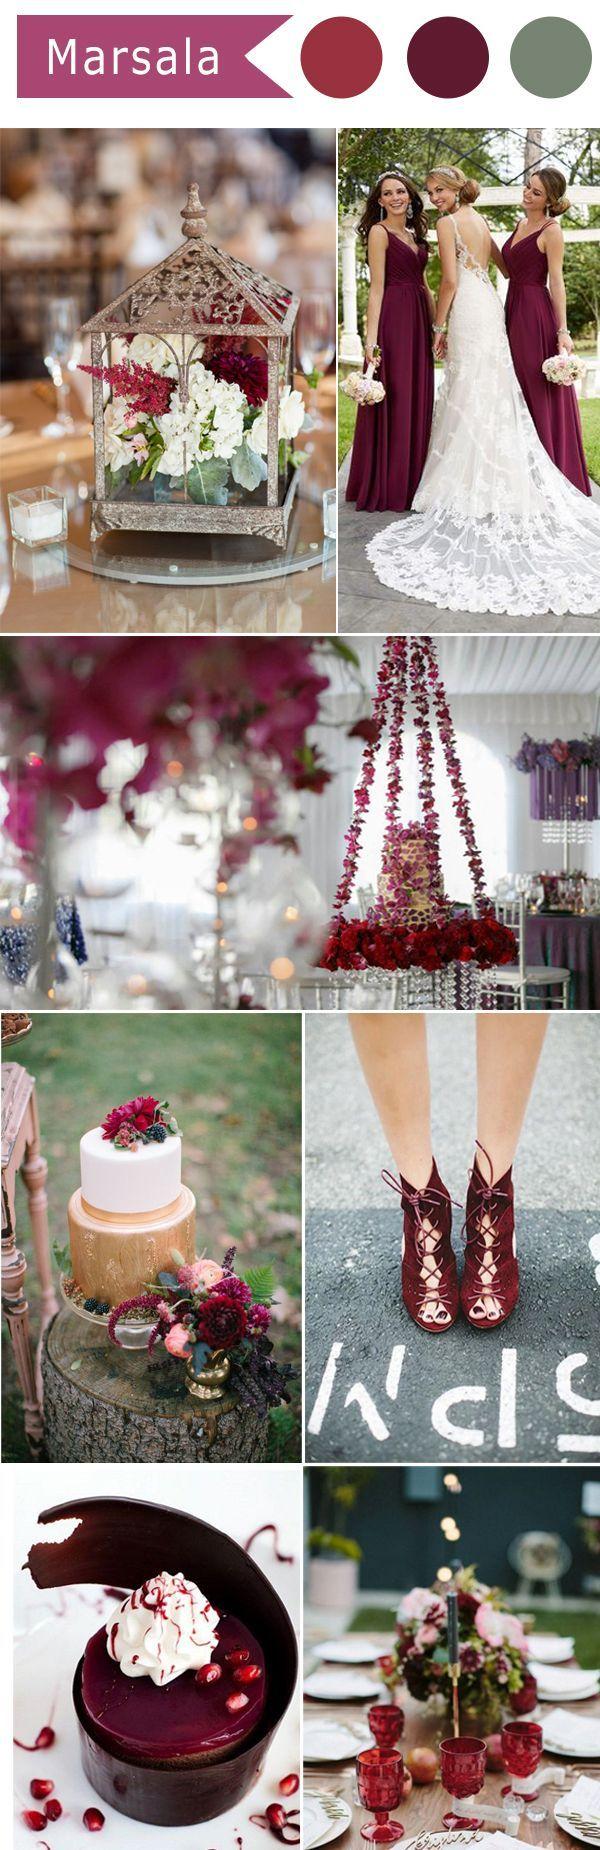 Ideas para Bodas. #expobec #ideasparabodas #bodas2018 #ideasparanovias #noviasgalicia #vestidodenovia #bodasgalicia